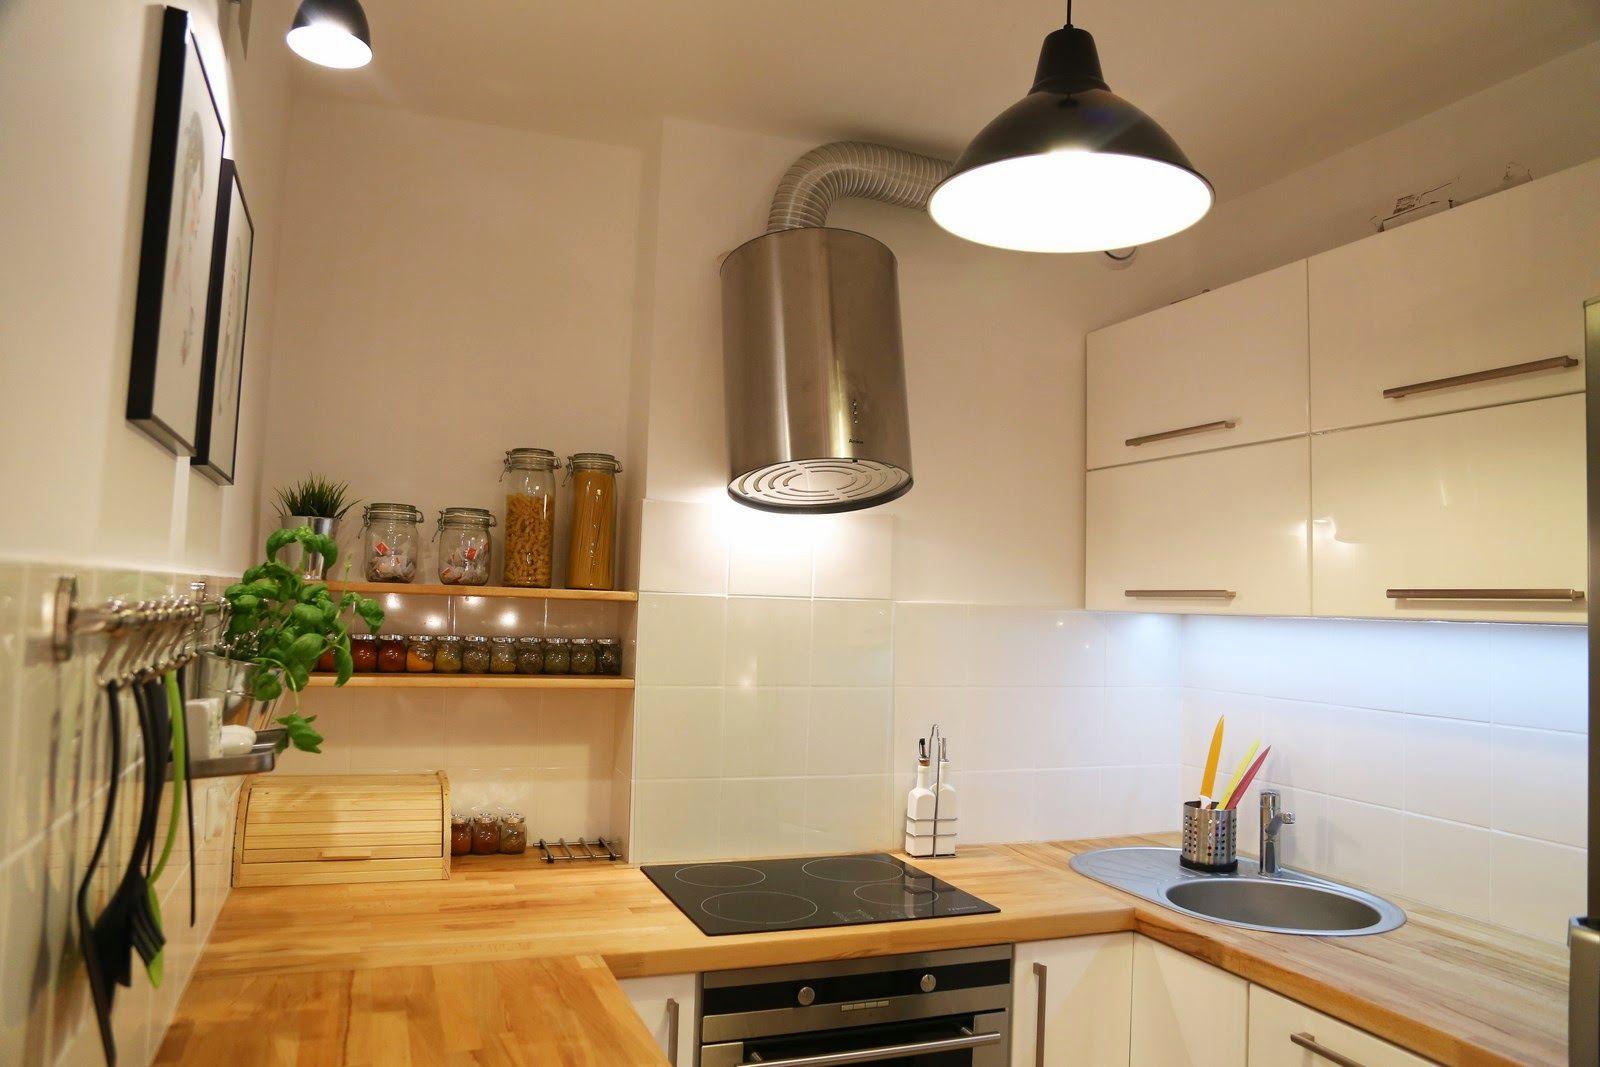 biała kuchnia mdf drewniane blaty  Aranżacja kuchni   -> Ile Kosztuje Kuchnia W Bloku